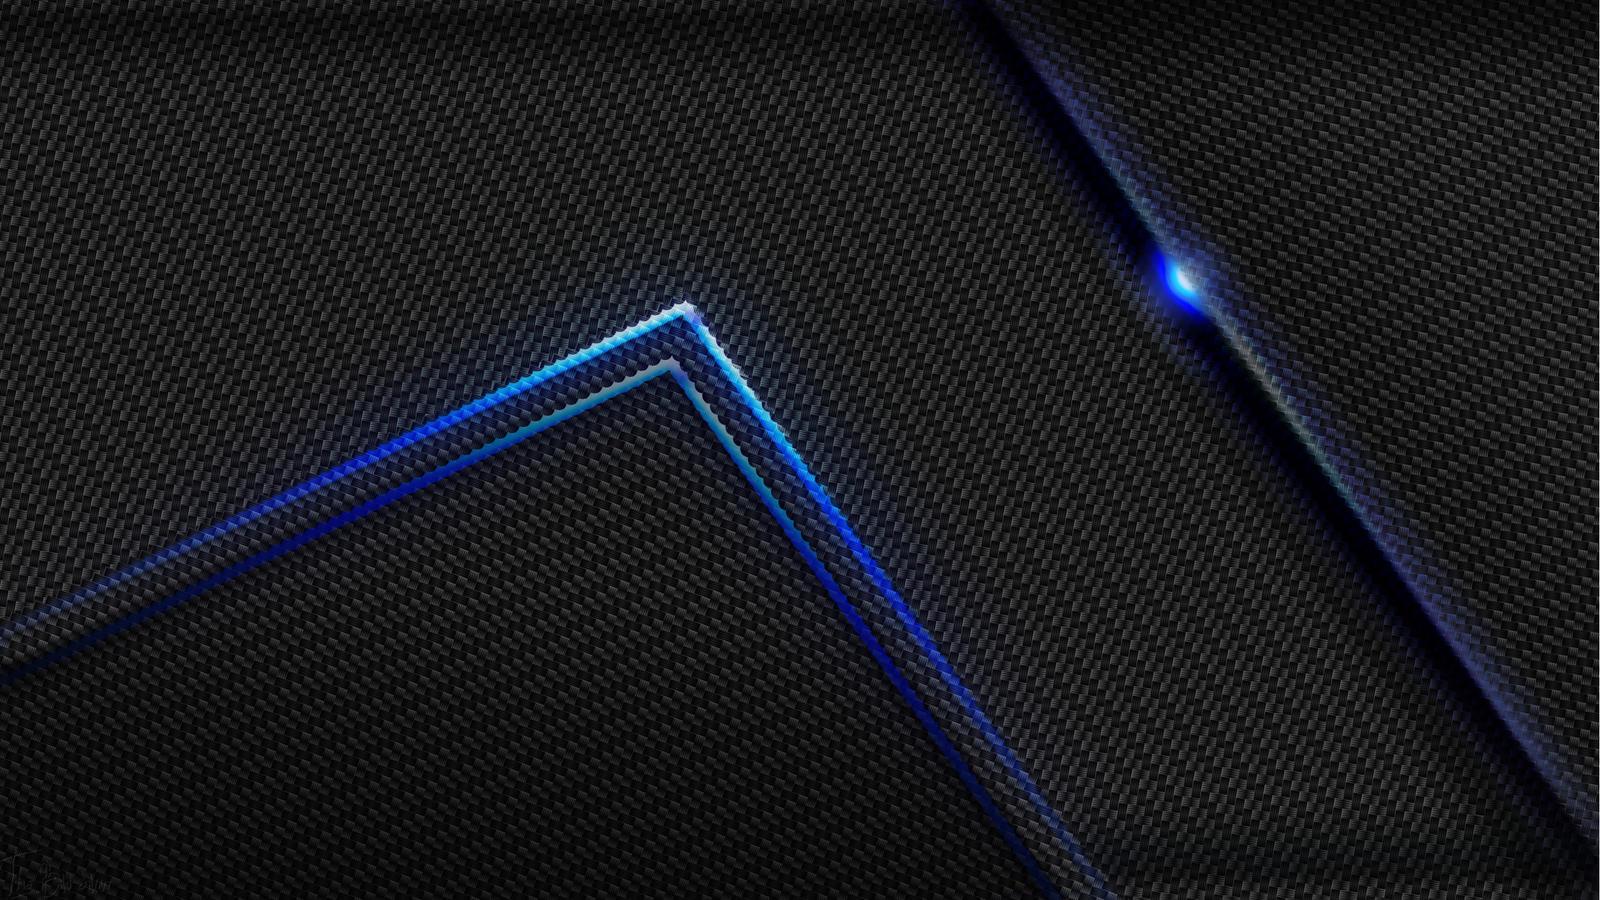 carbon fiber iphone wallpaper - loft wallpapers